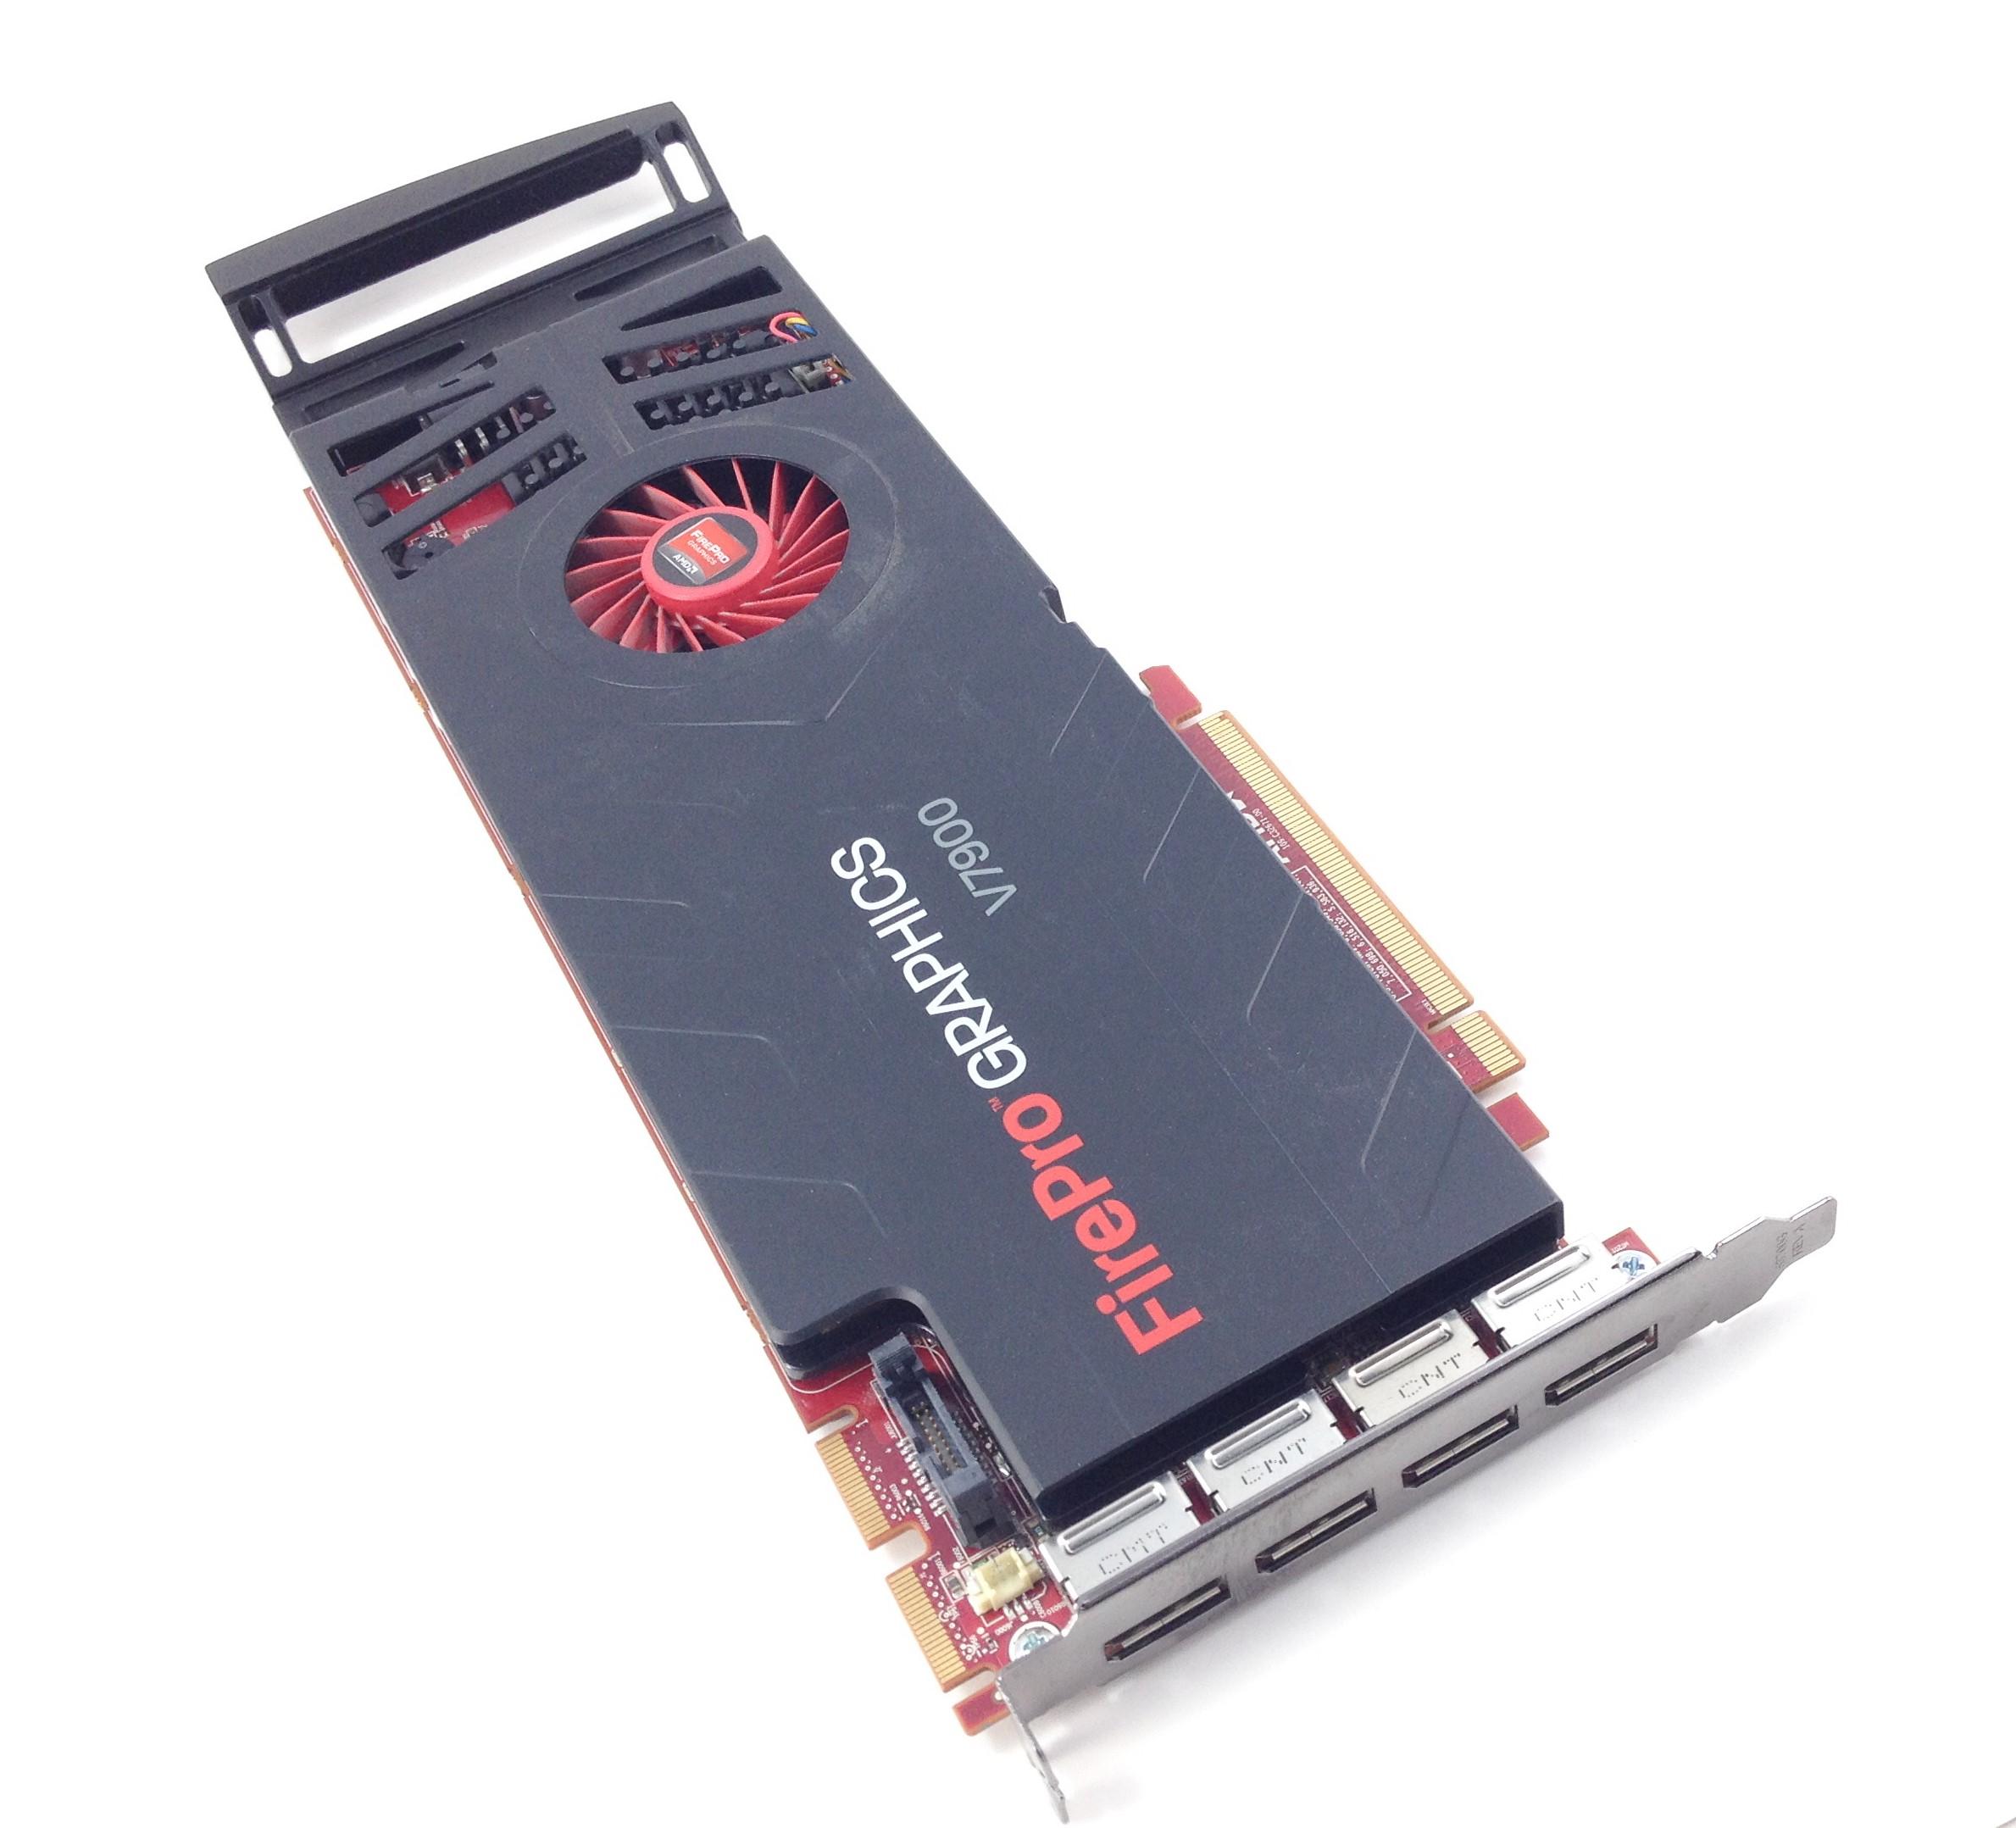 HP AMD FirePro V7900 PCI-E 2.1 X 16 2GB Video Card 653329-001 (654596-001)